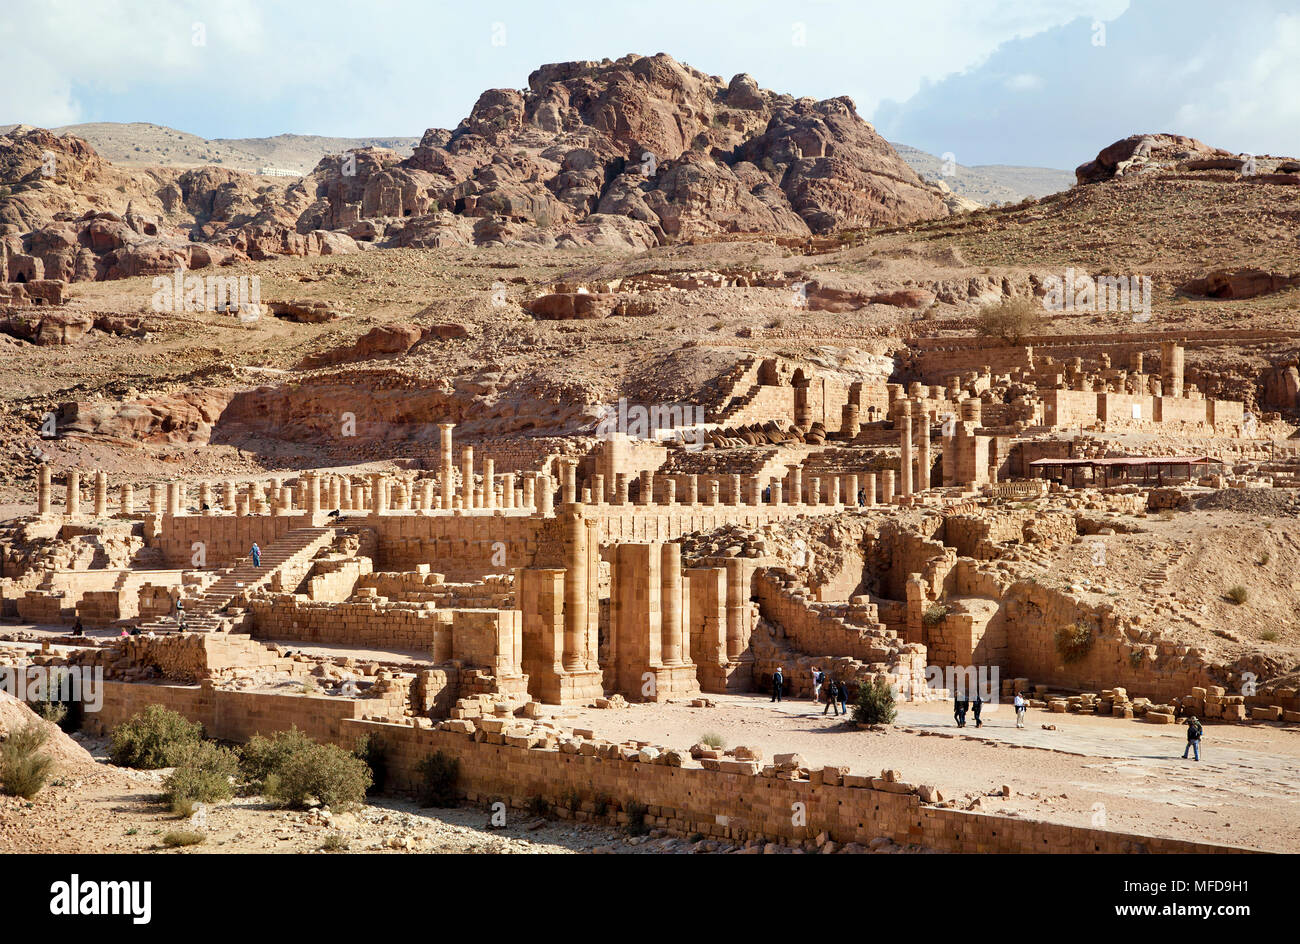 Vista panoramica del colonnato street, le rovine del Grande Tempio e il gate del Temenos nell'antica città di Petra, Giordania Immagini Stock